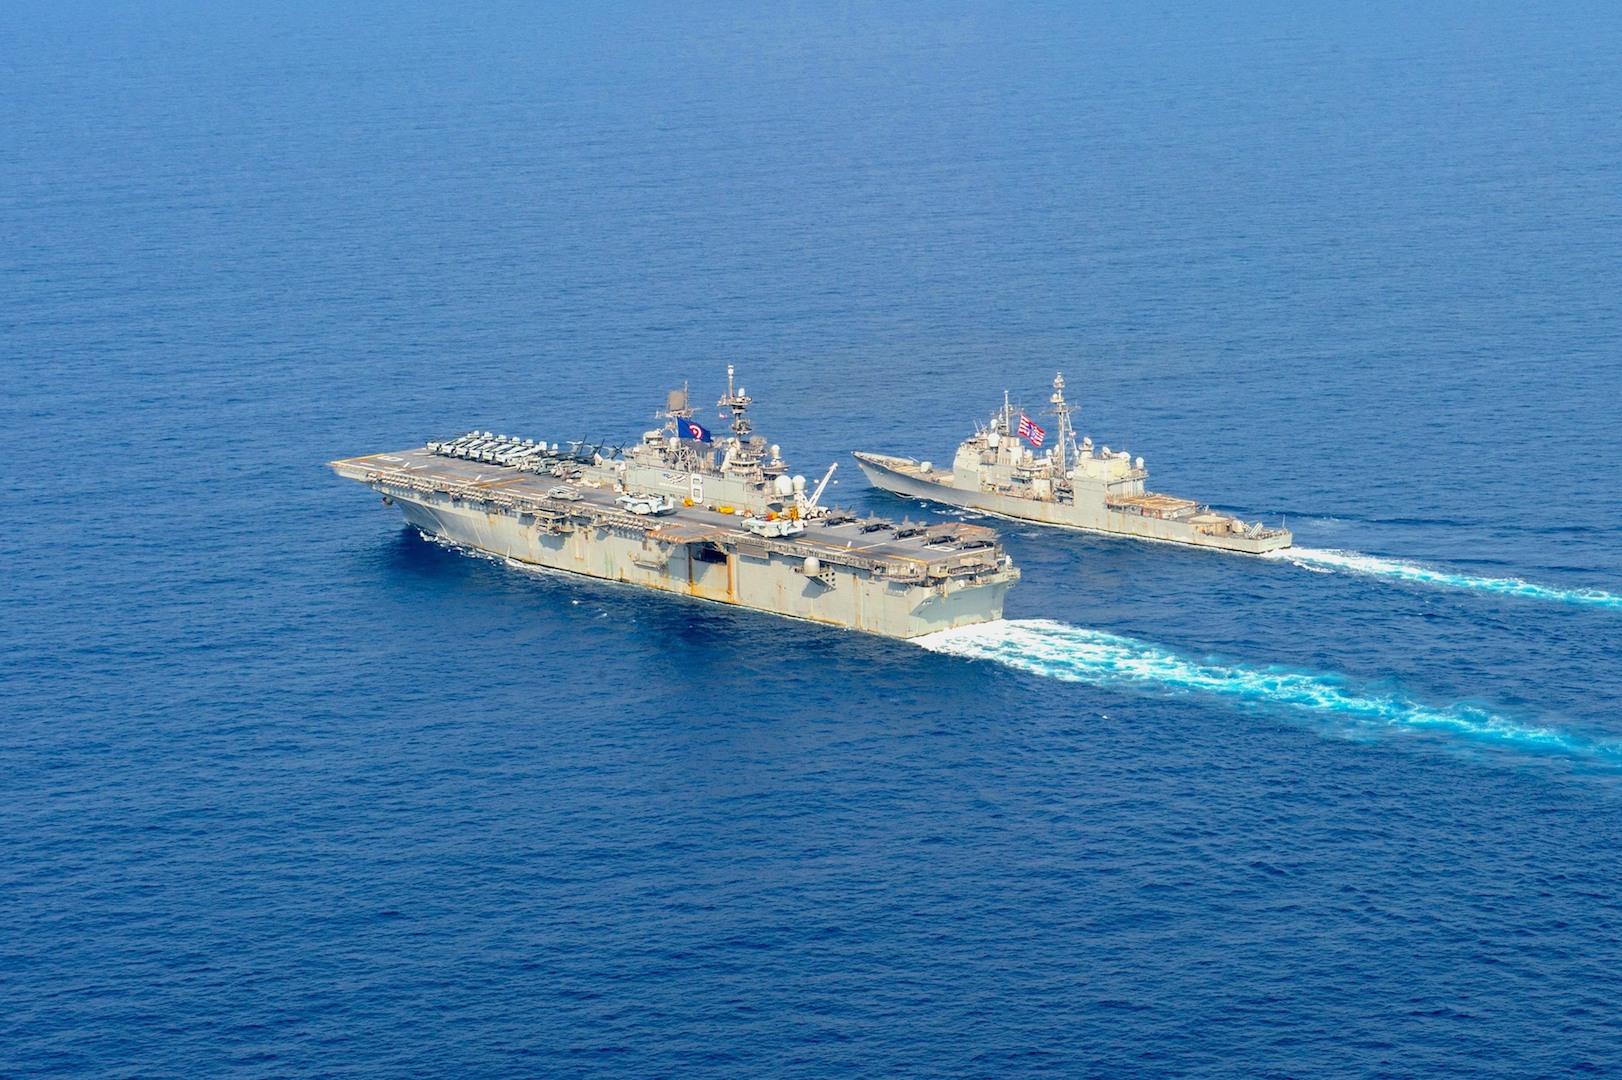 Le navire américain d'assaut amphibie USS America (LHA 6), à gauche, et le croiseur lance-missiles de classe Ticonderoga USS Bunker Hill (CG 52) traversent la mer de Chine du Sud. (Source : USNI)